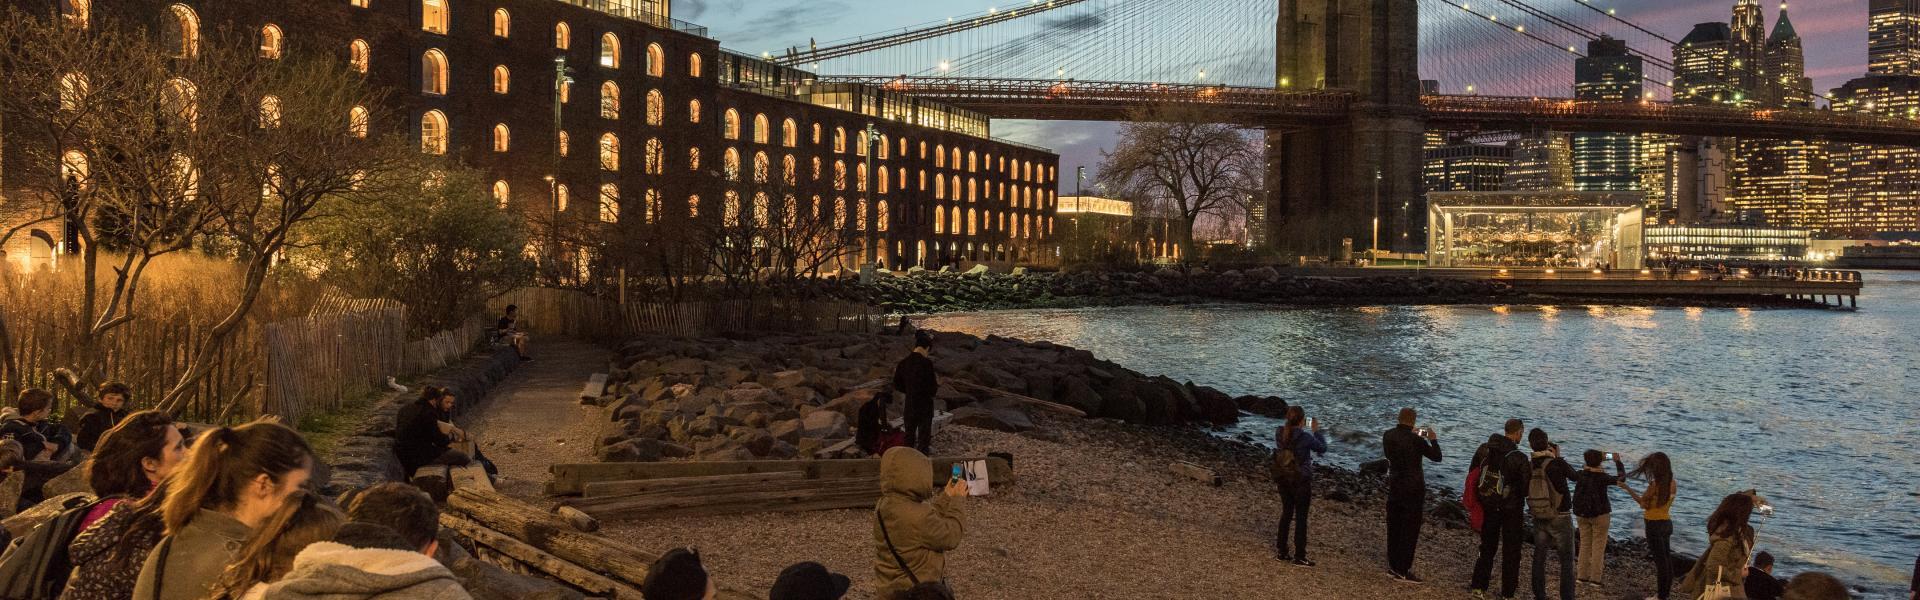 BrooklynBridgePark_Brooklyn_NYC_JulienneSchaer-010